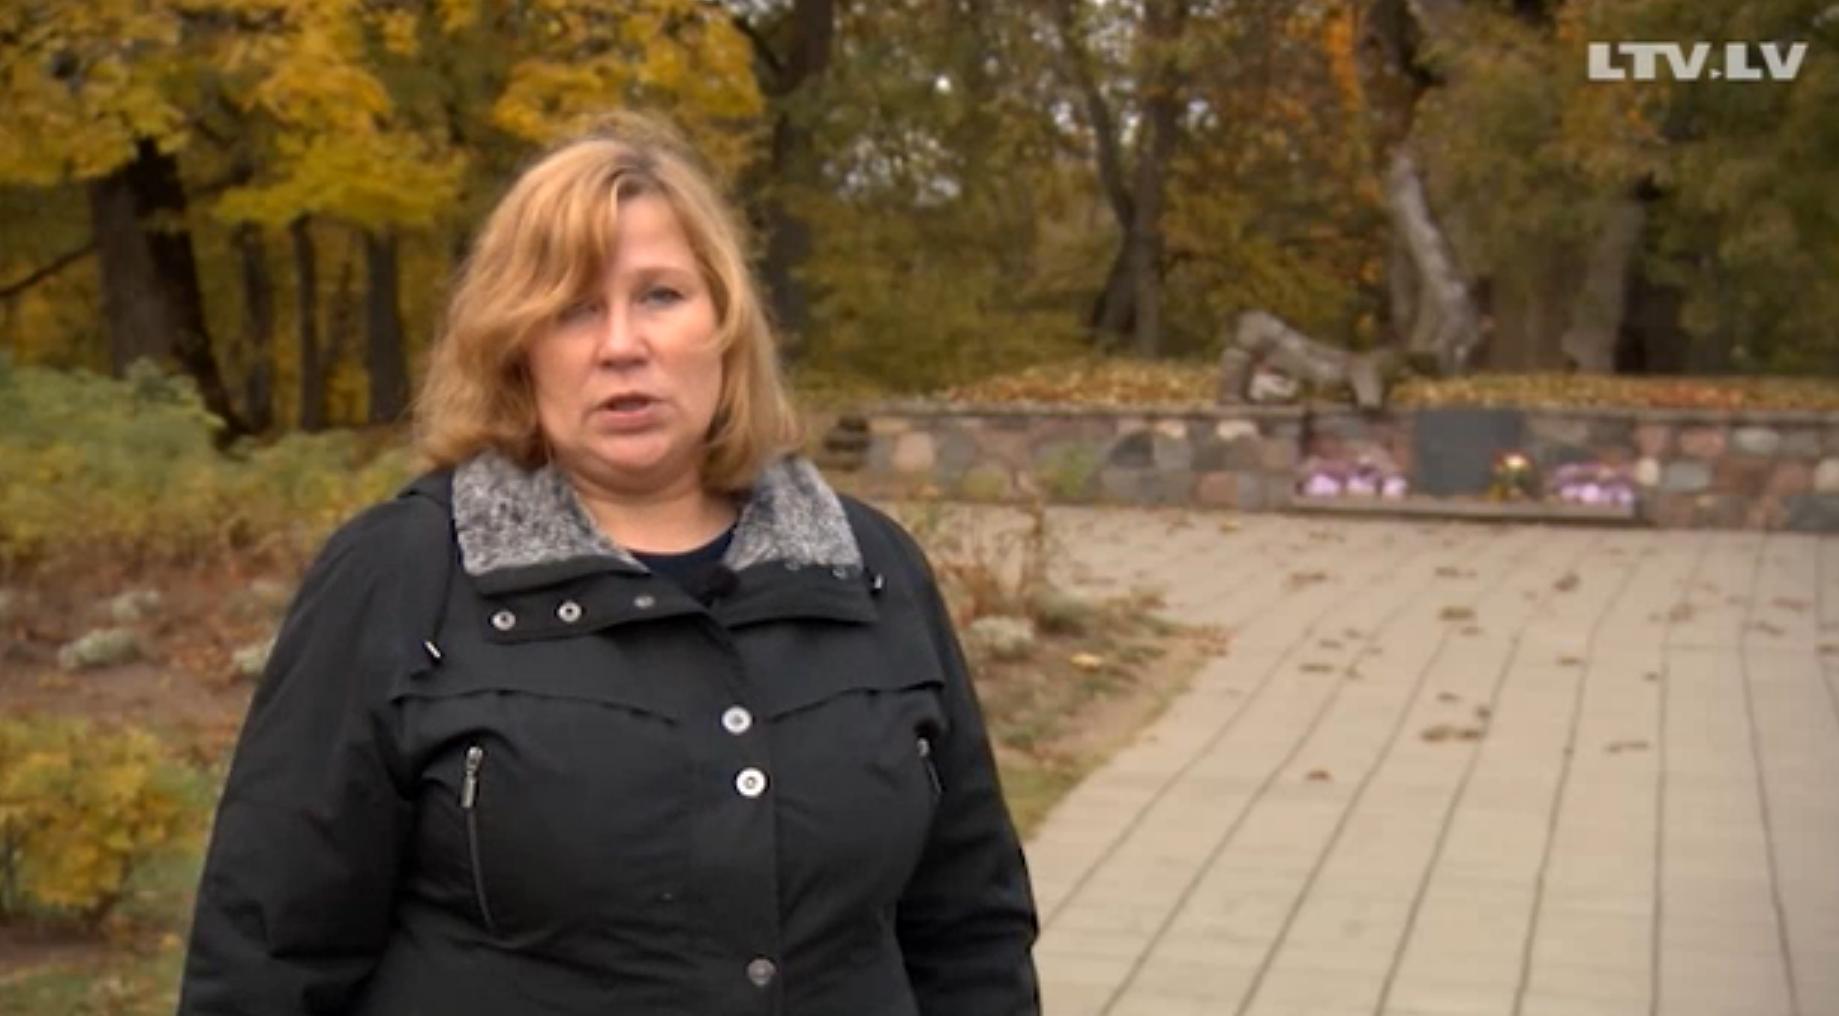 Turaidas muzejrezervāta direktores vietniece Vija Stikāne uzdod jautājumu, kas saistīts ar stāstu par Turaidas Rozi